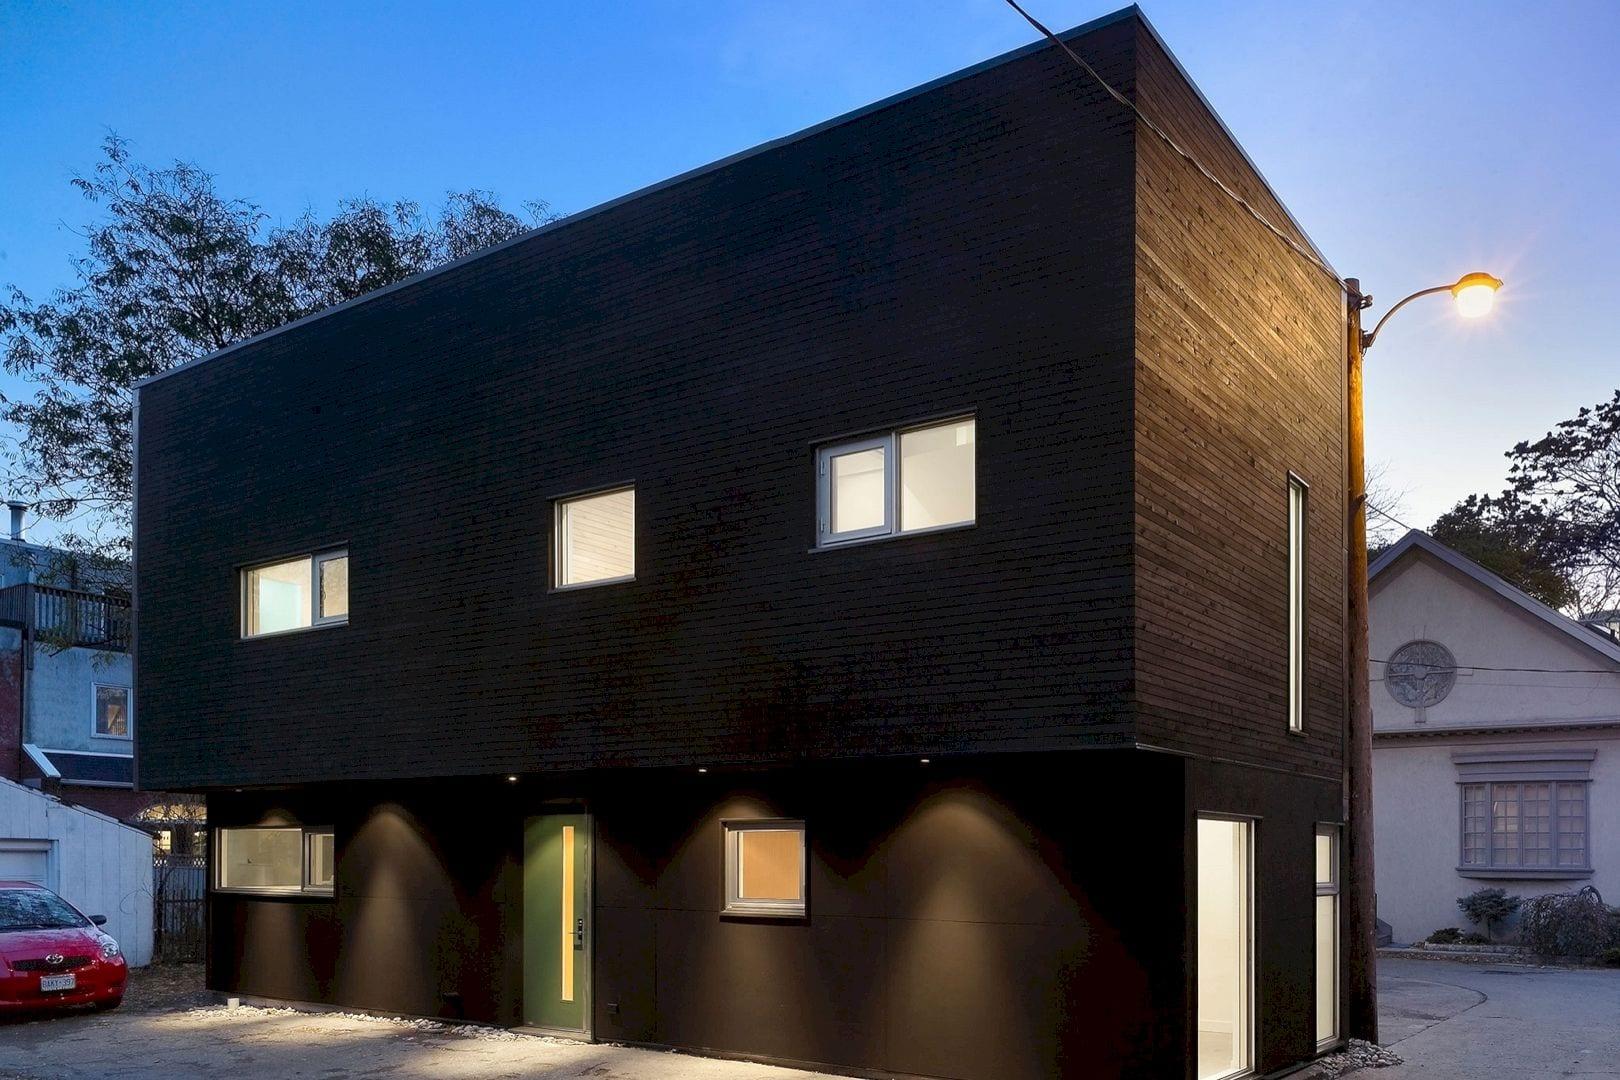 40R Laneway House By Superkul 1